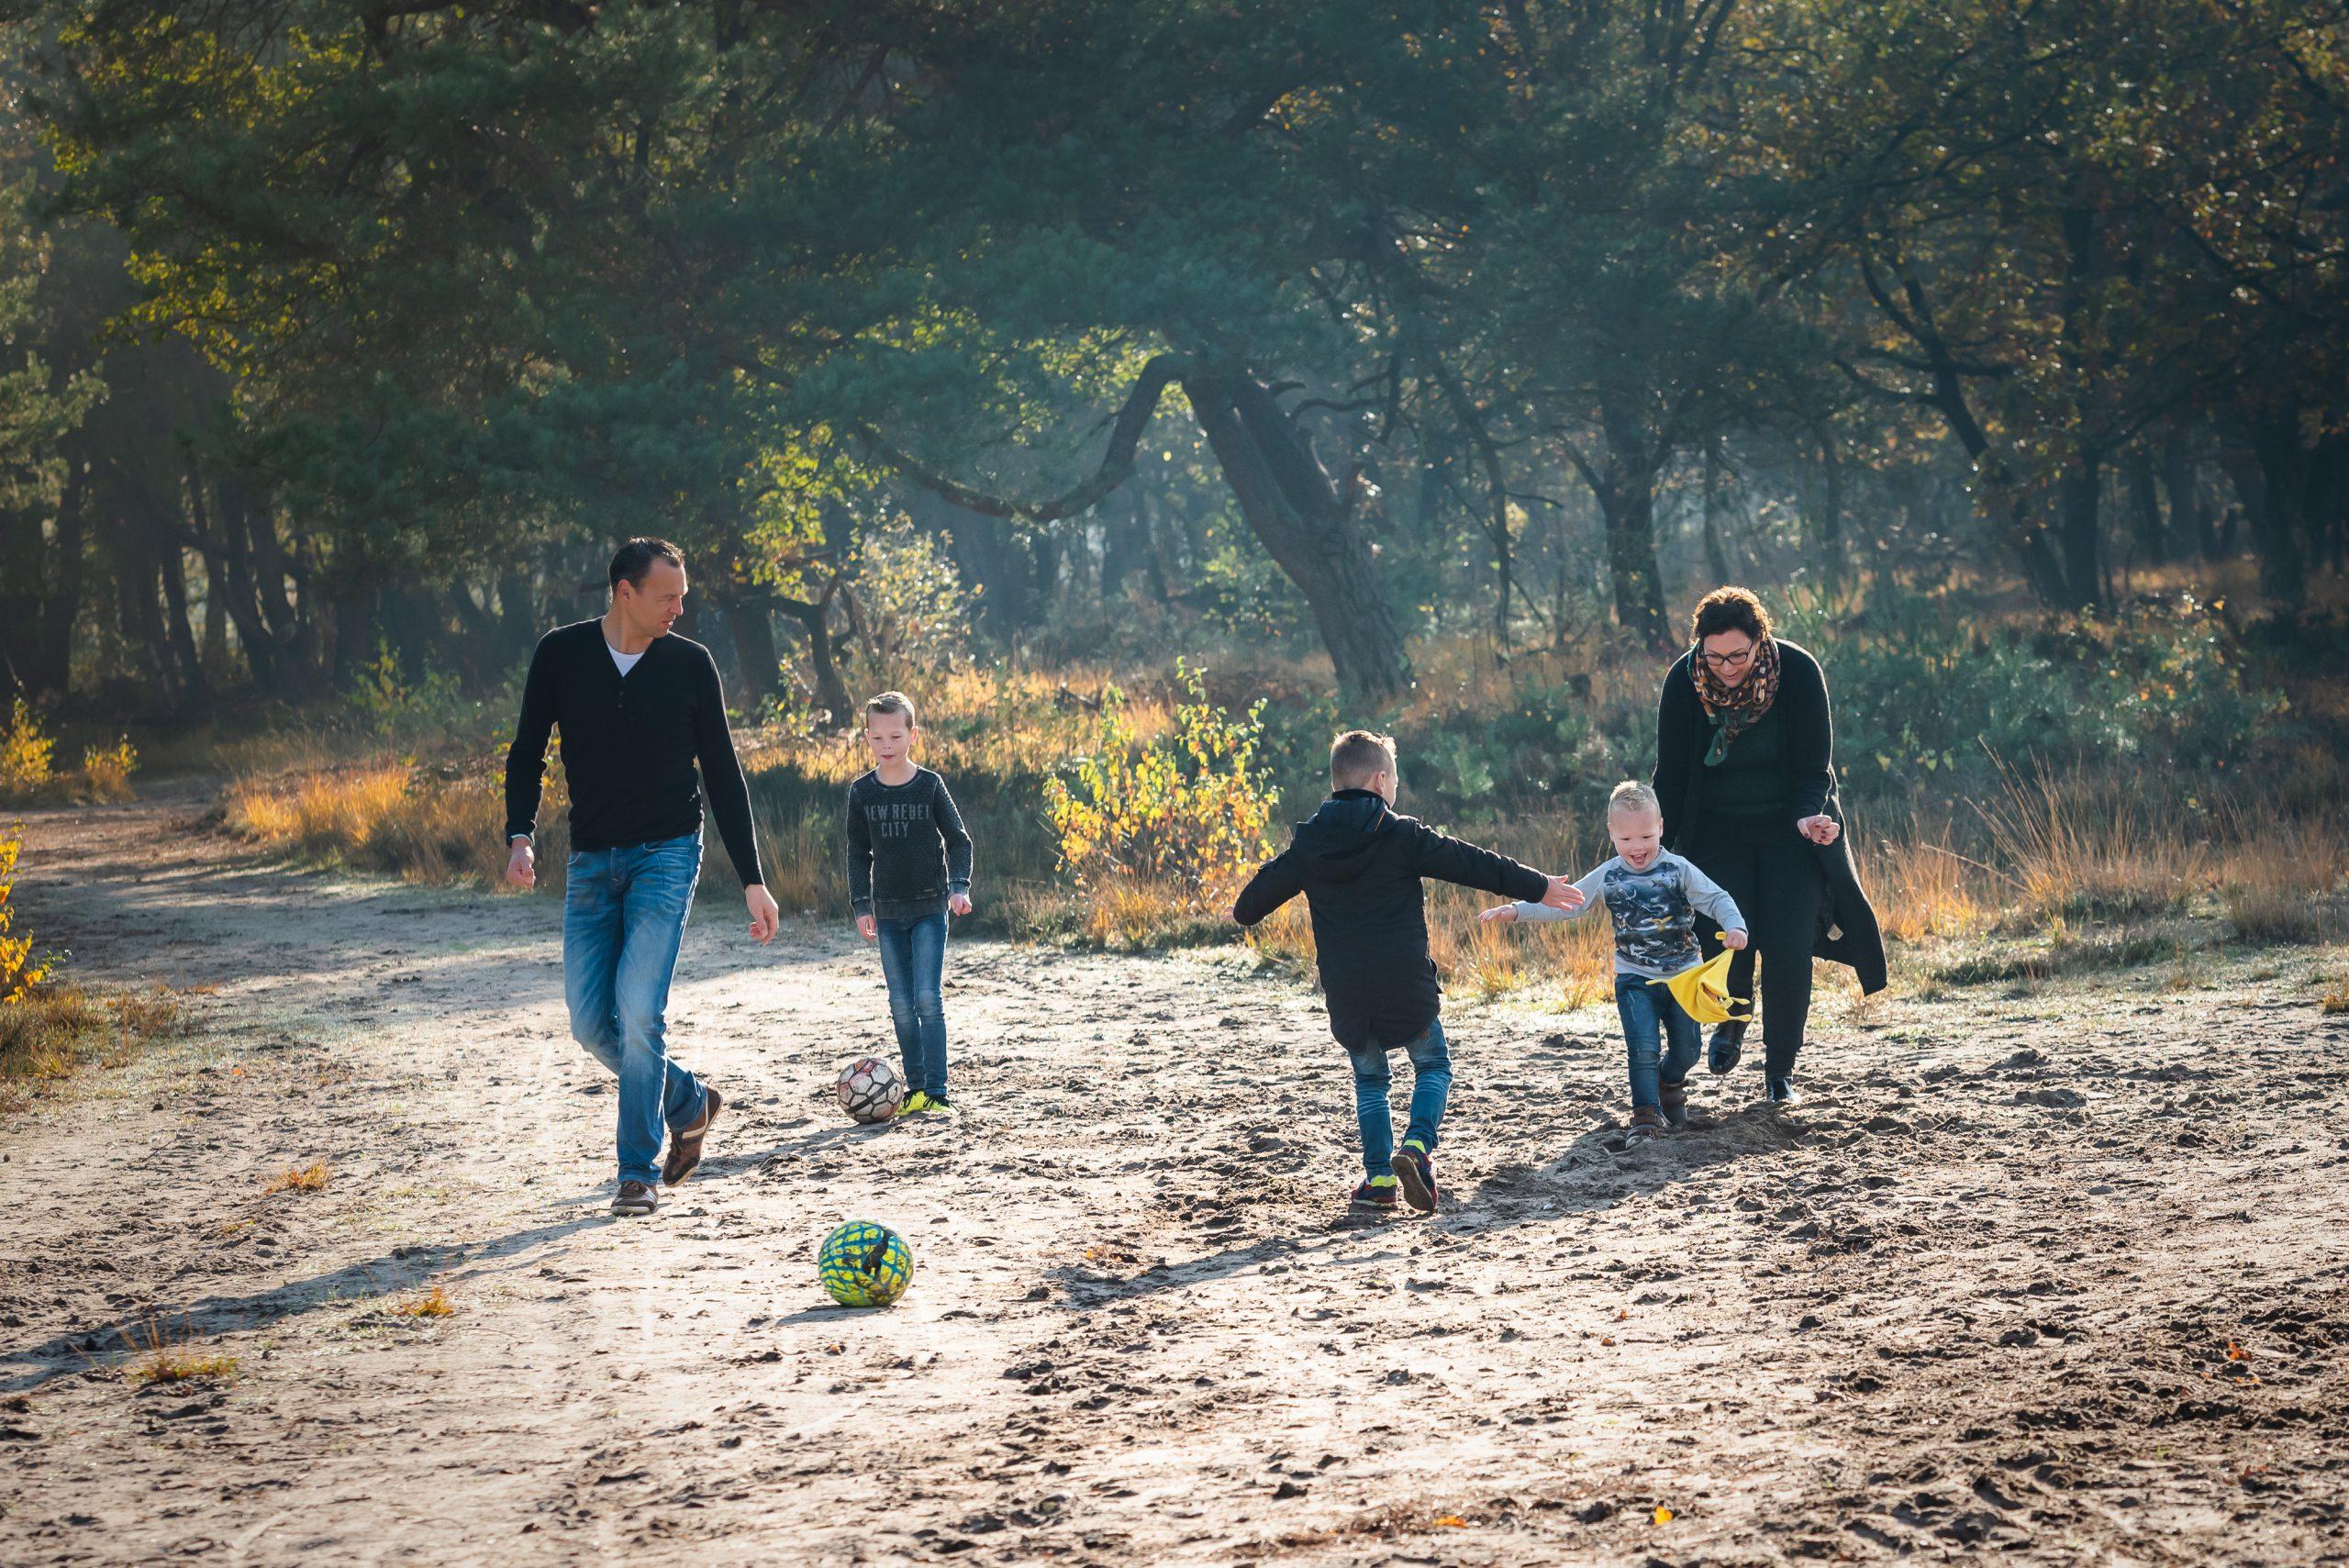 Picknicken op de heide met gezin, in Assen, Drenthe, Familiefotograaf Assen, gezinsfotograaf Assen, familiefotograaf drenthe, fotograaf drenthe, gezinsfotograaf drenthe, jonge kinderen, kleine jonge, herfst kleuren, buiten spelen, outdoor